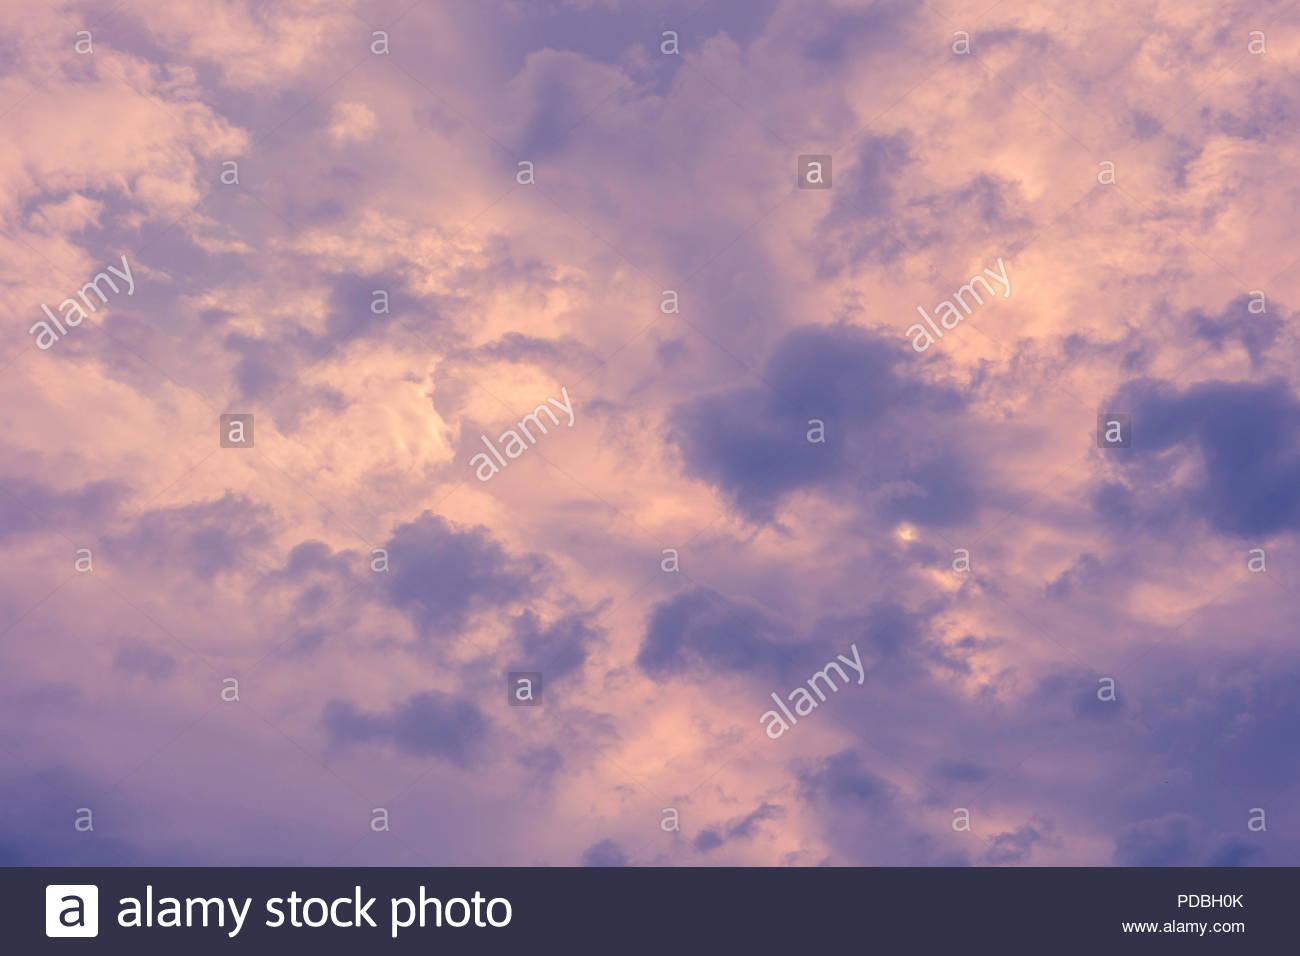 Ciel du matin menaçant avec nimbostratus et stratus fractus pannus nuages de pluie dans le forcast Photo Stock